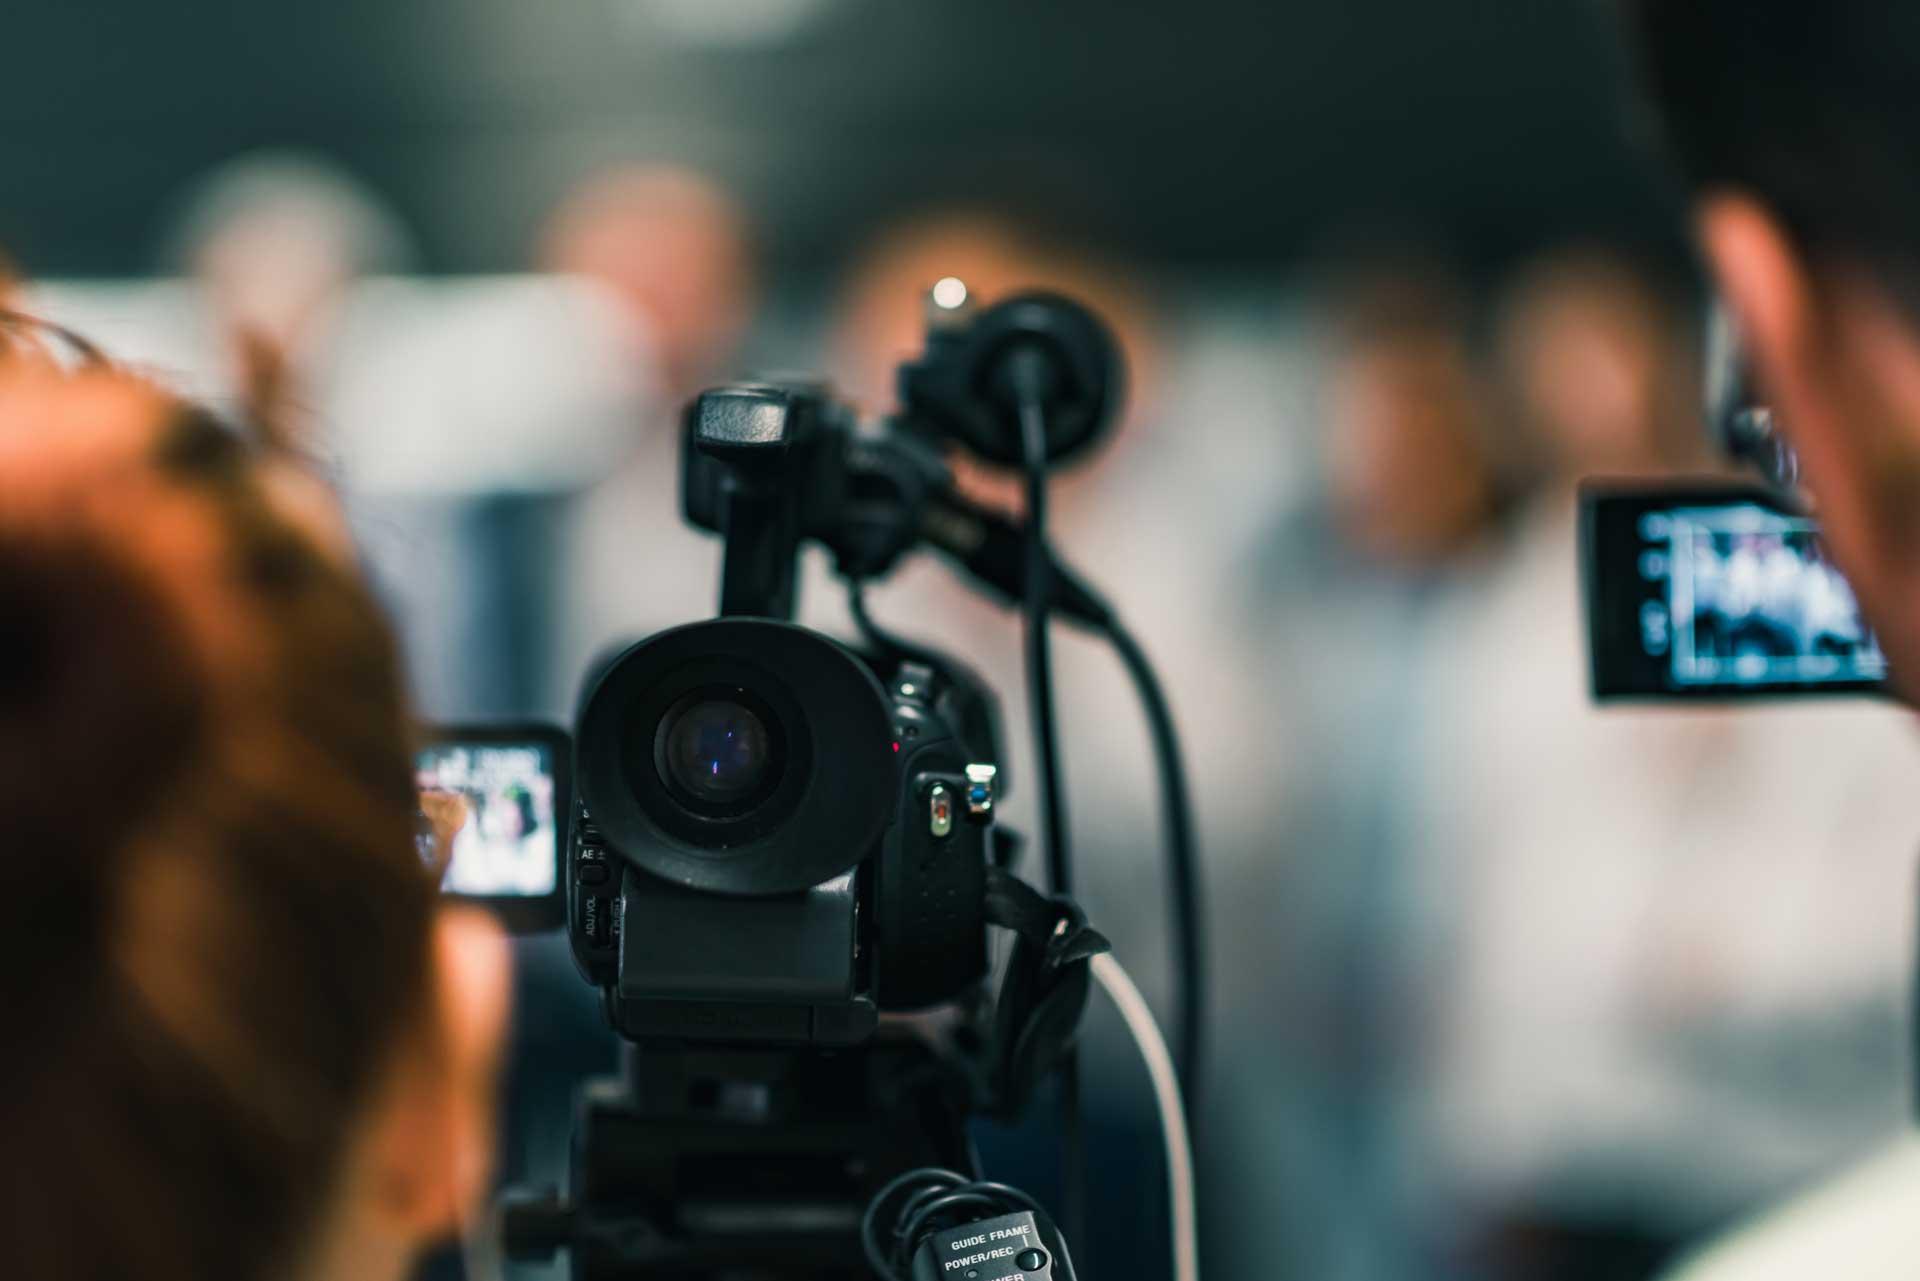 Entrevista al dr. Costa Vila en Esplugues Televisió sobre las novedades y actualidad en cirugía refractiva